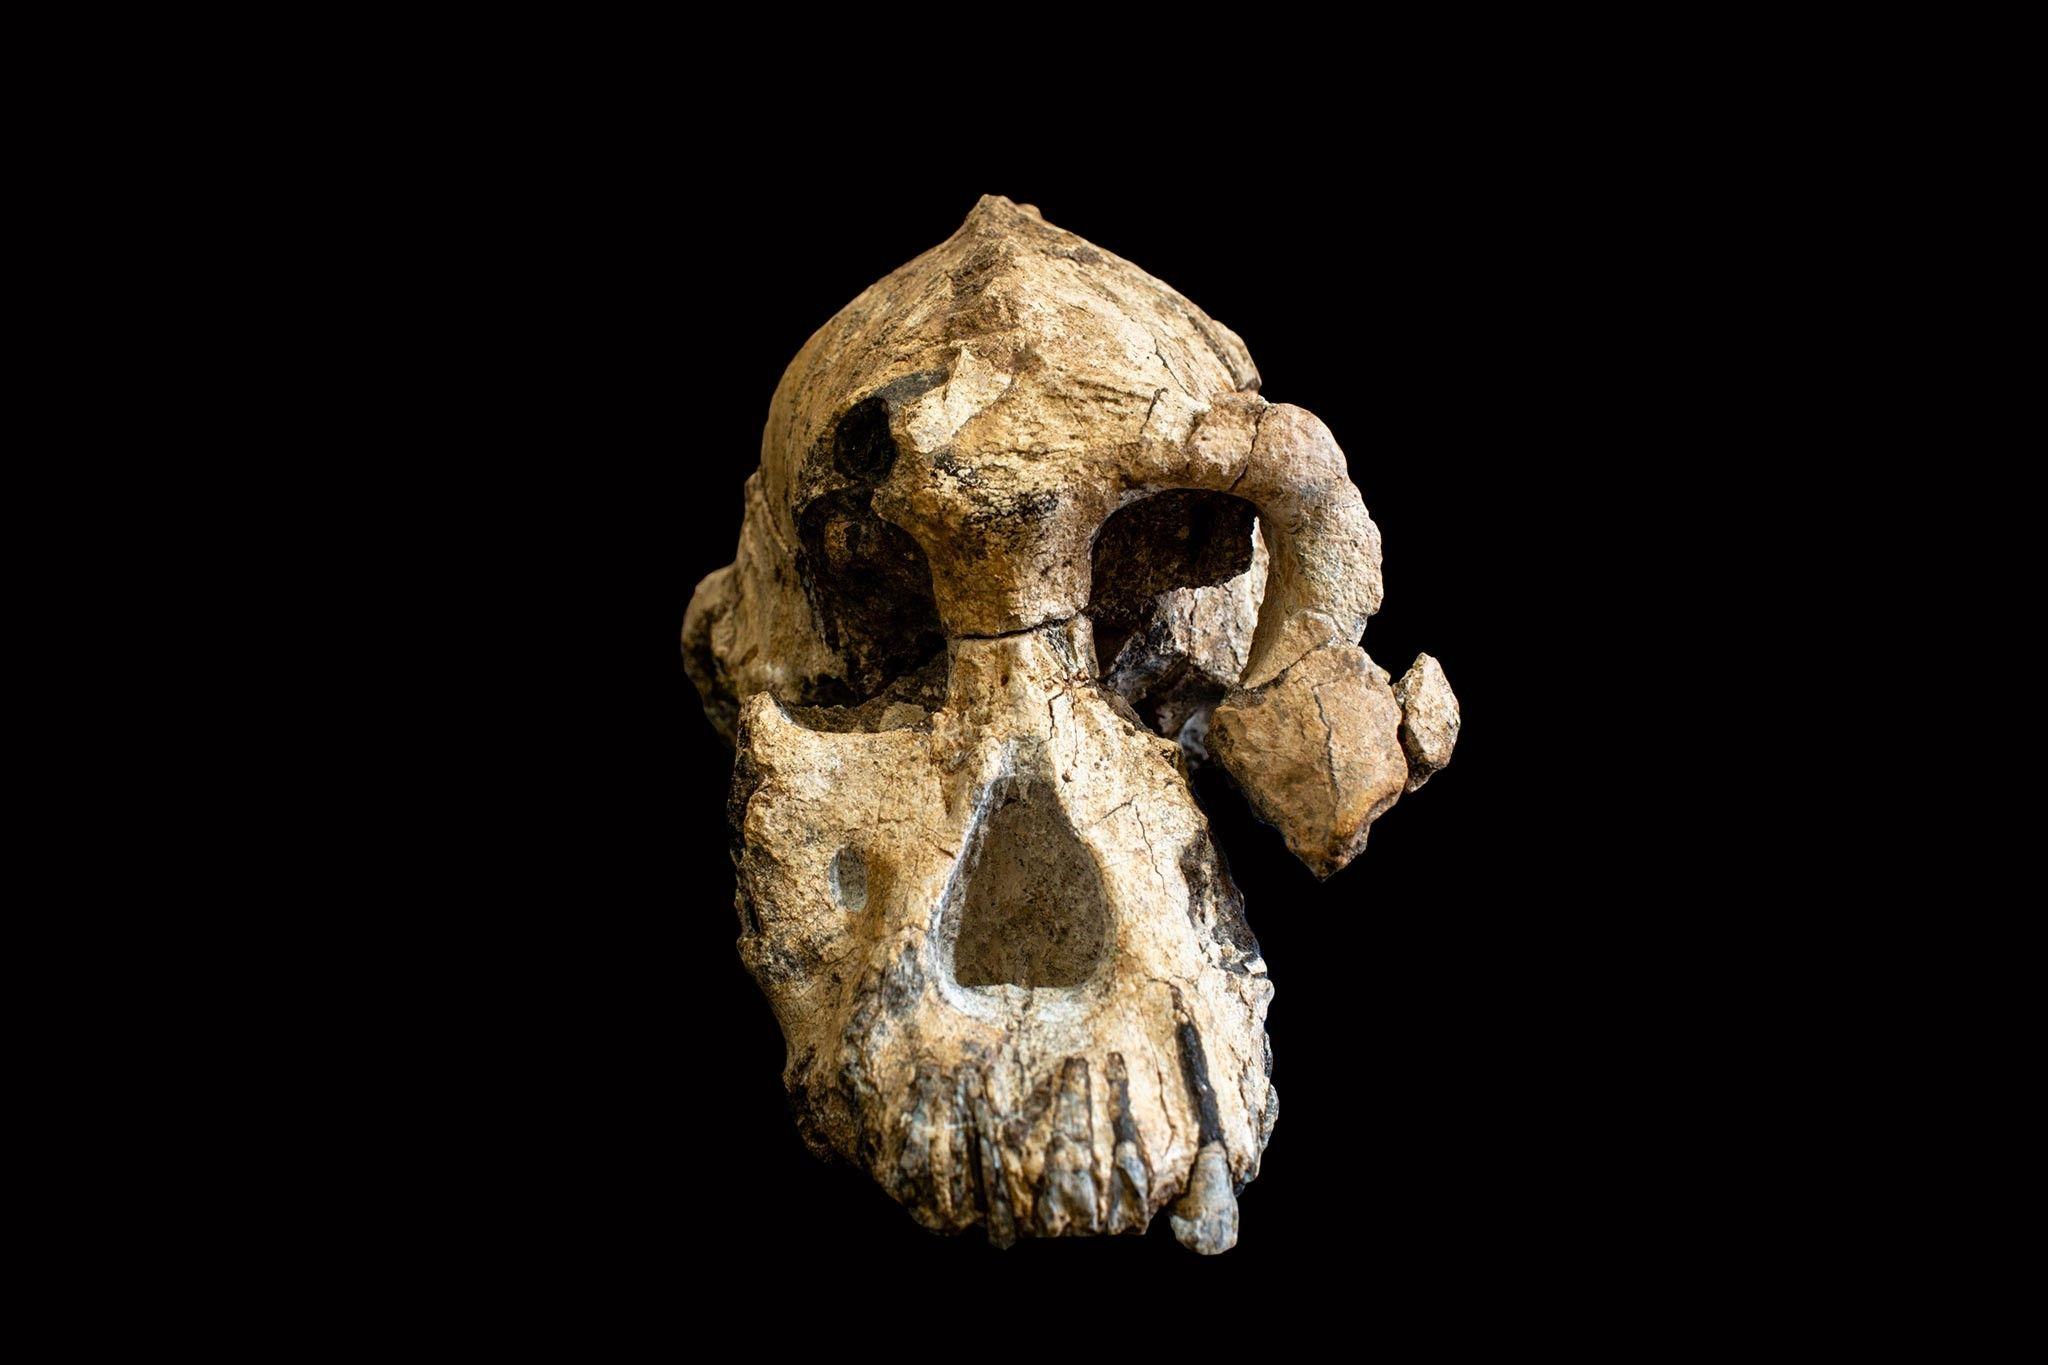 Éthiopie : découverte du plus vieux crâne d'australopithèque jamais mis au jour | National Geographic